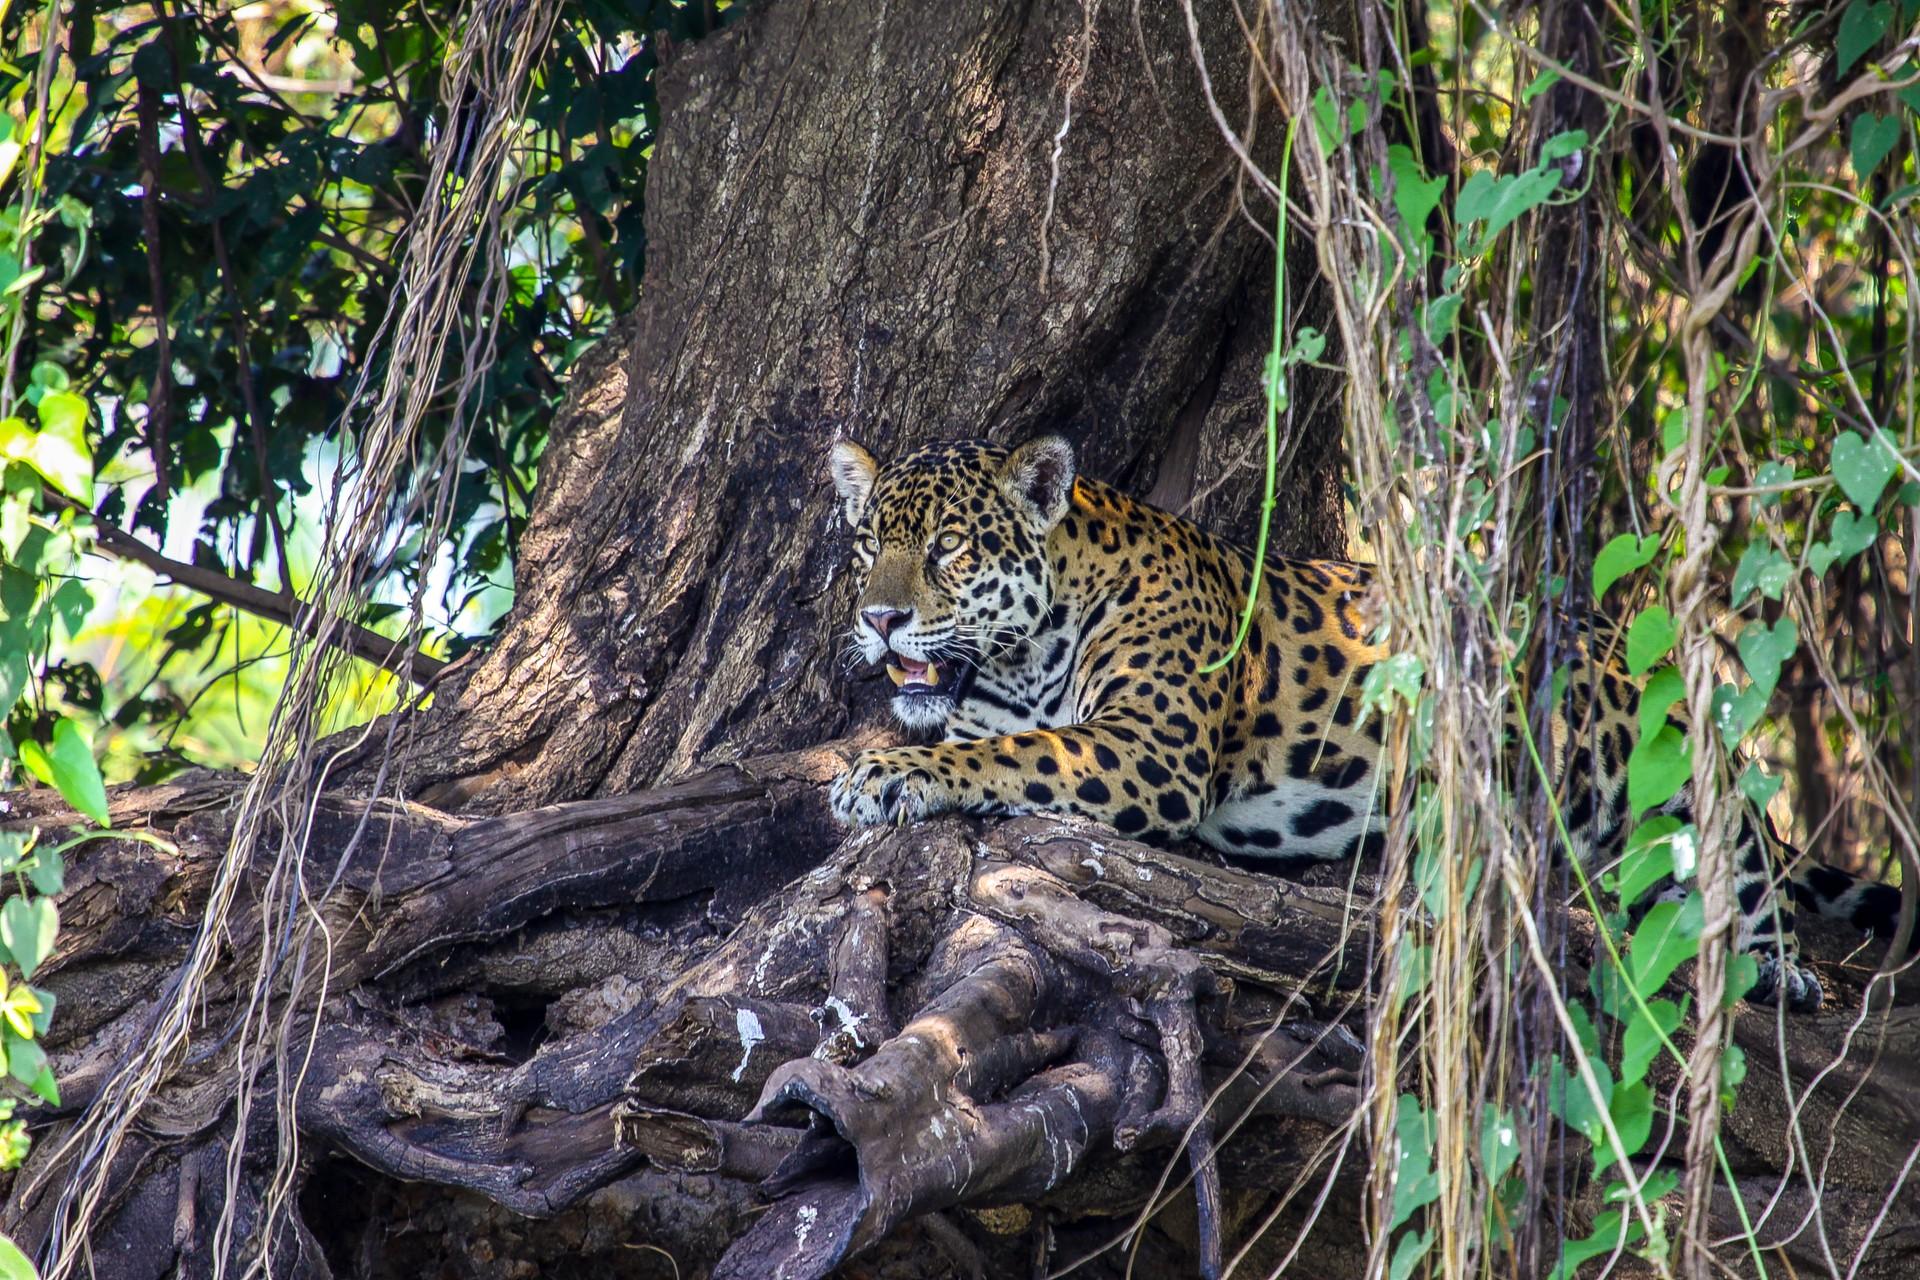 Jaguar in Brazil's rainforest